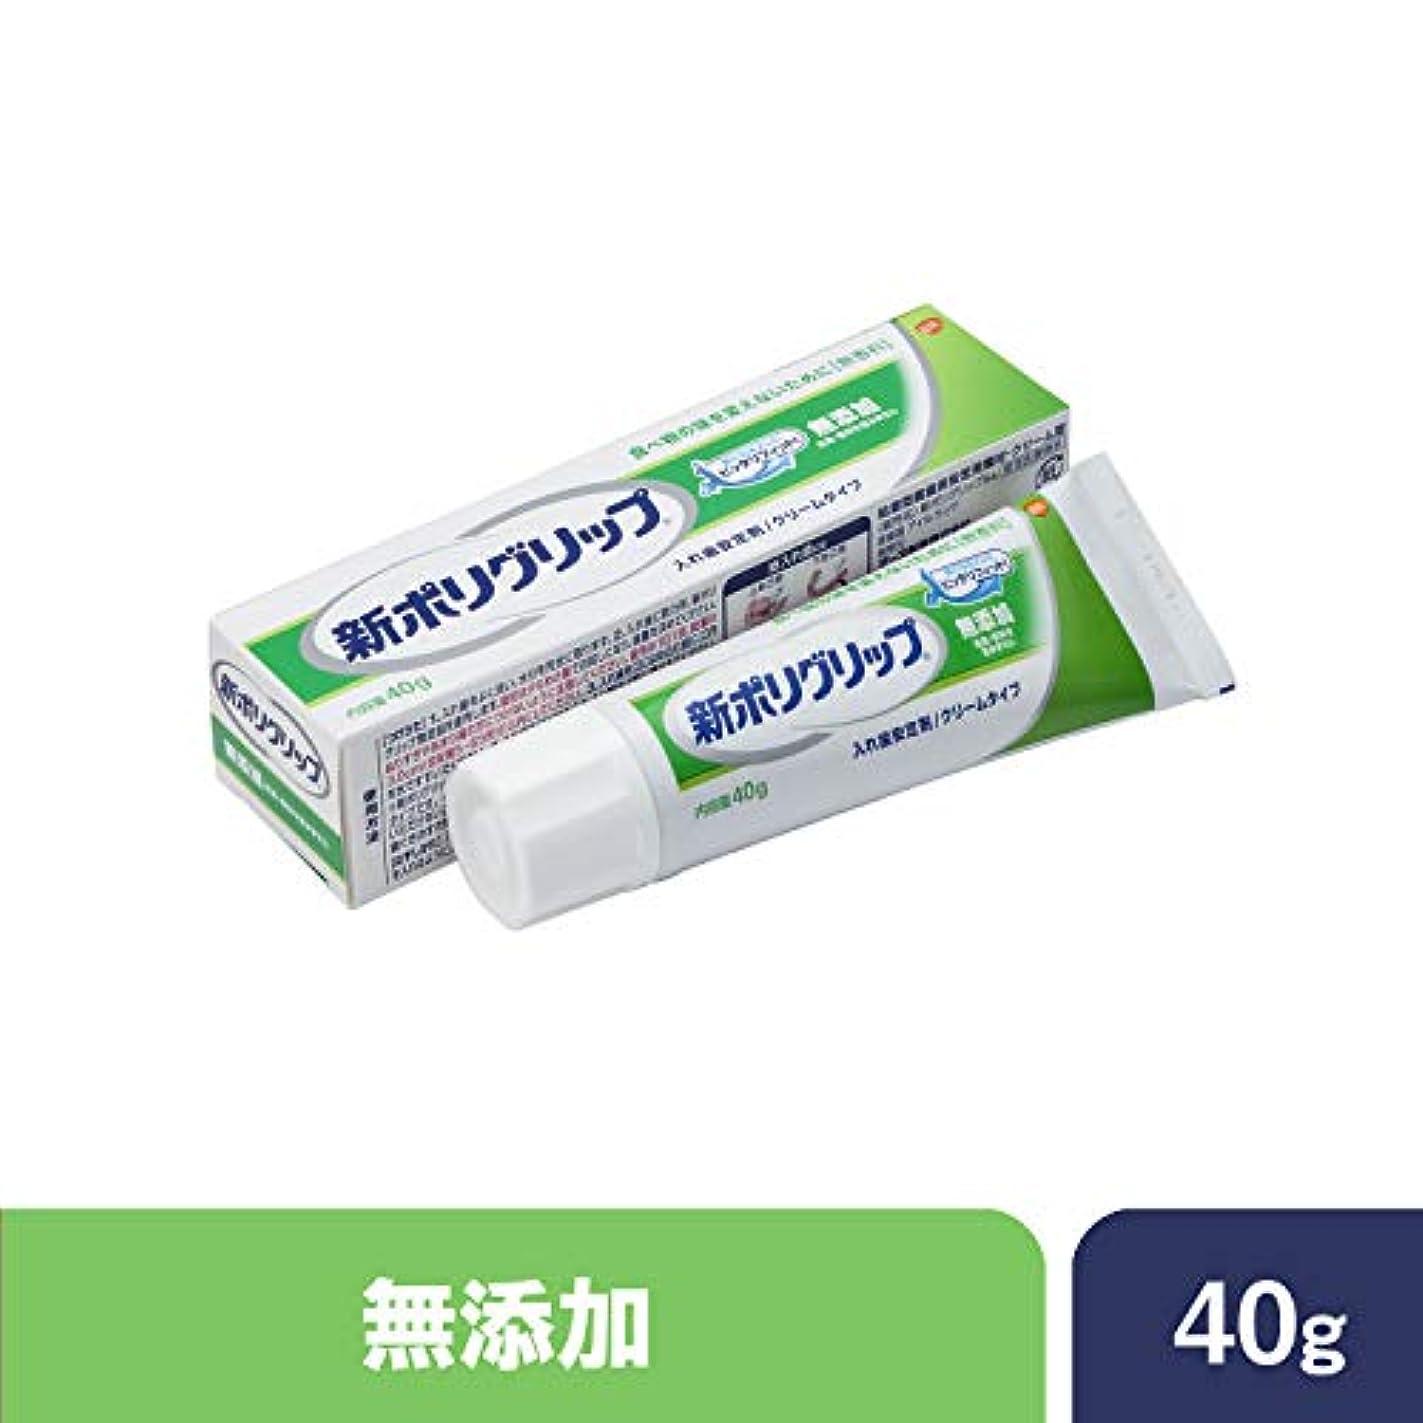 沼地悔い改め状況部分?総入れ歯安定剤 新ポリグリップ 無添加(色素?香料を含みません) 40g